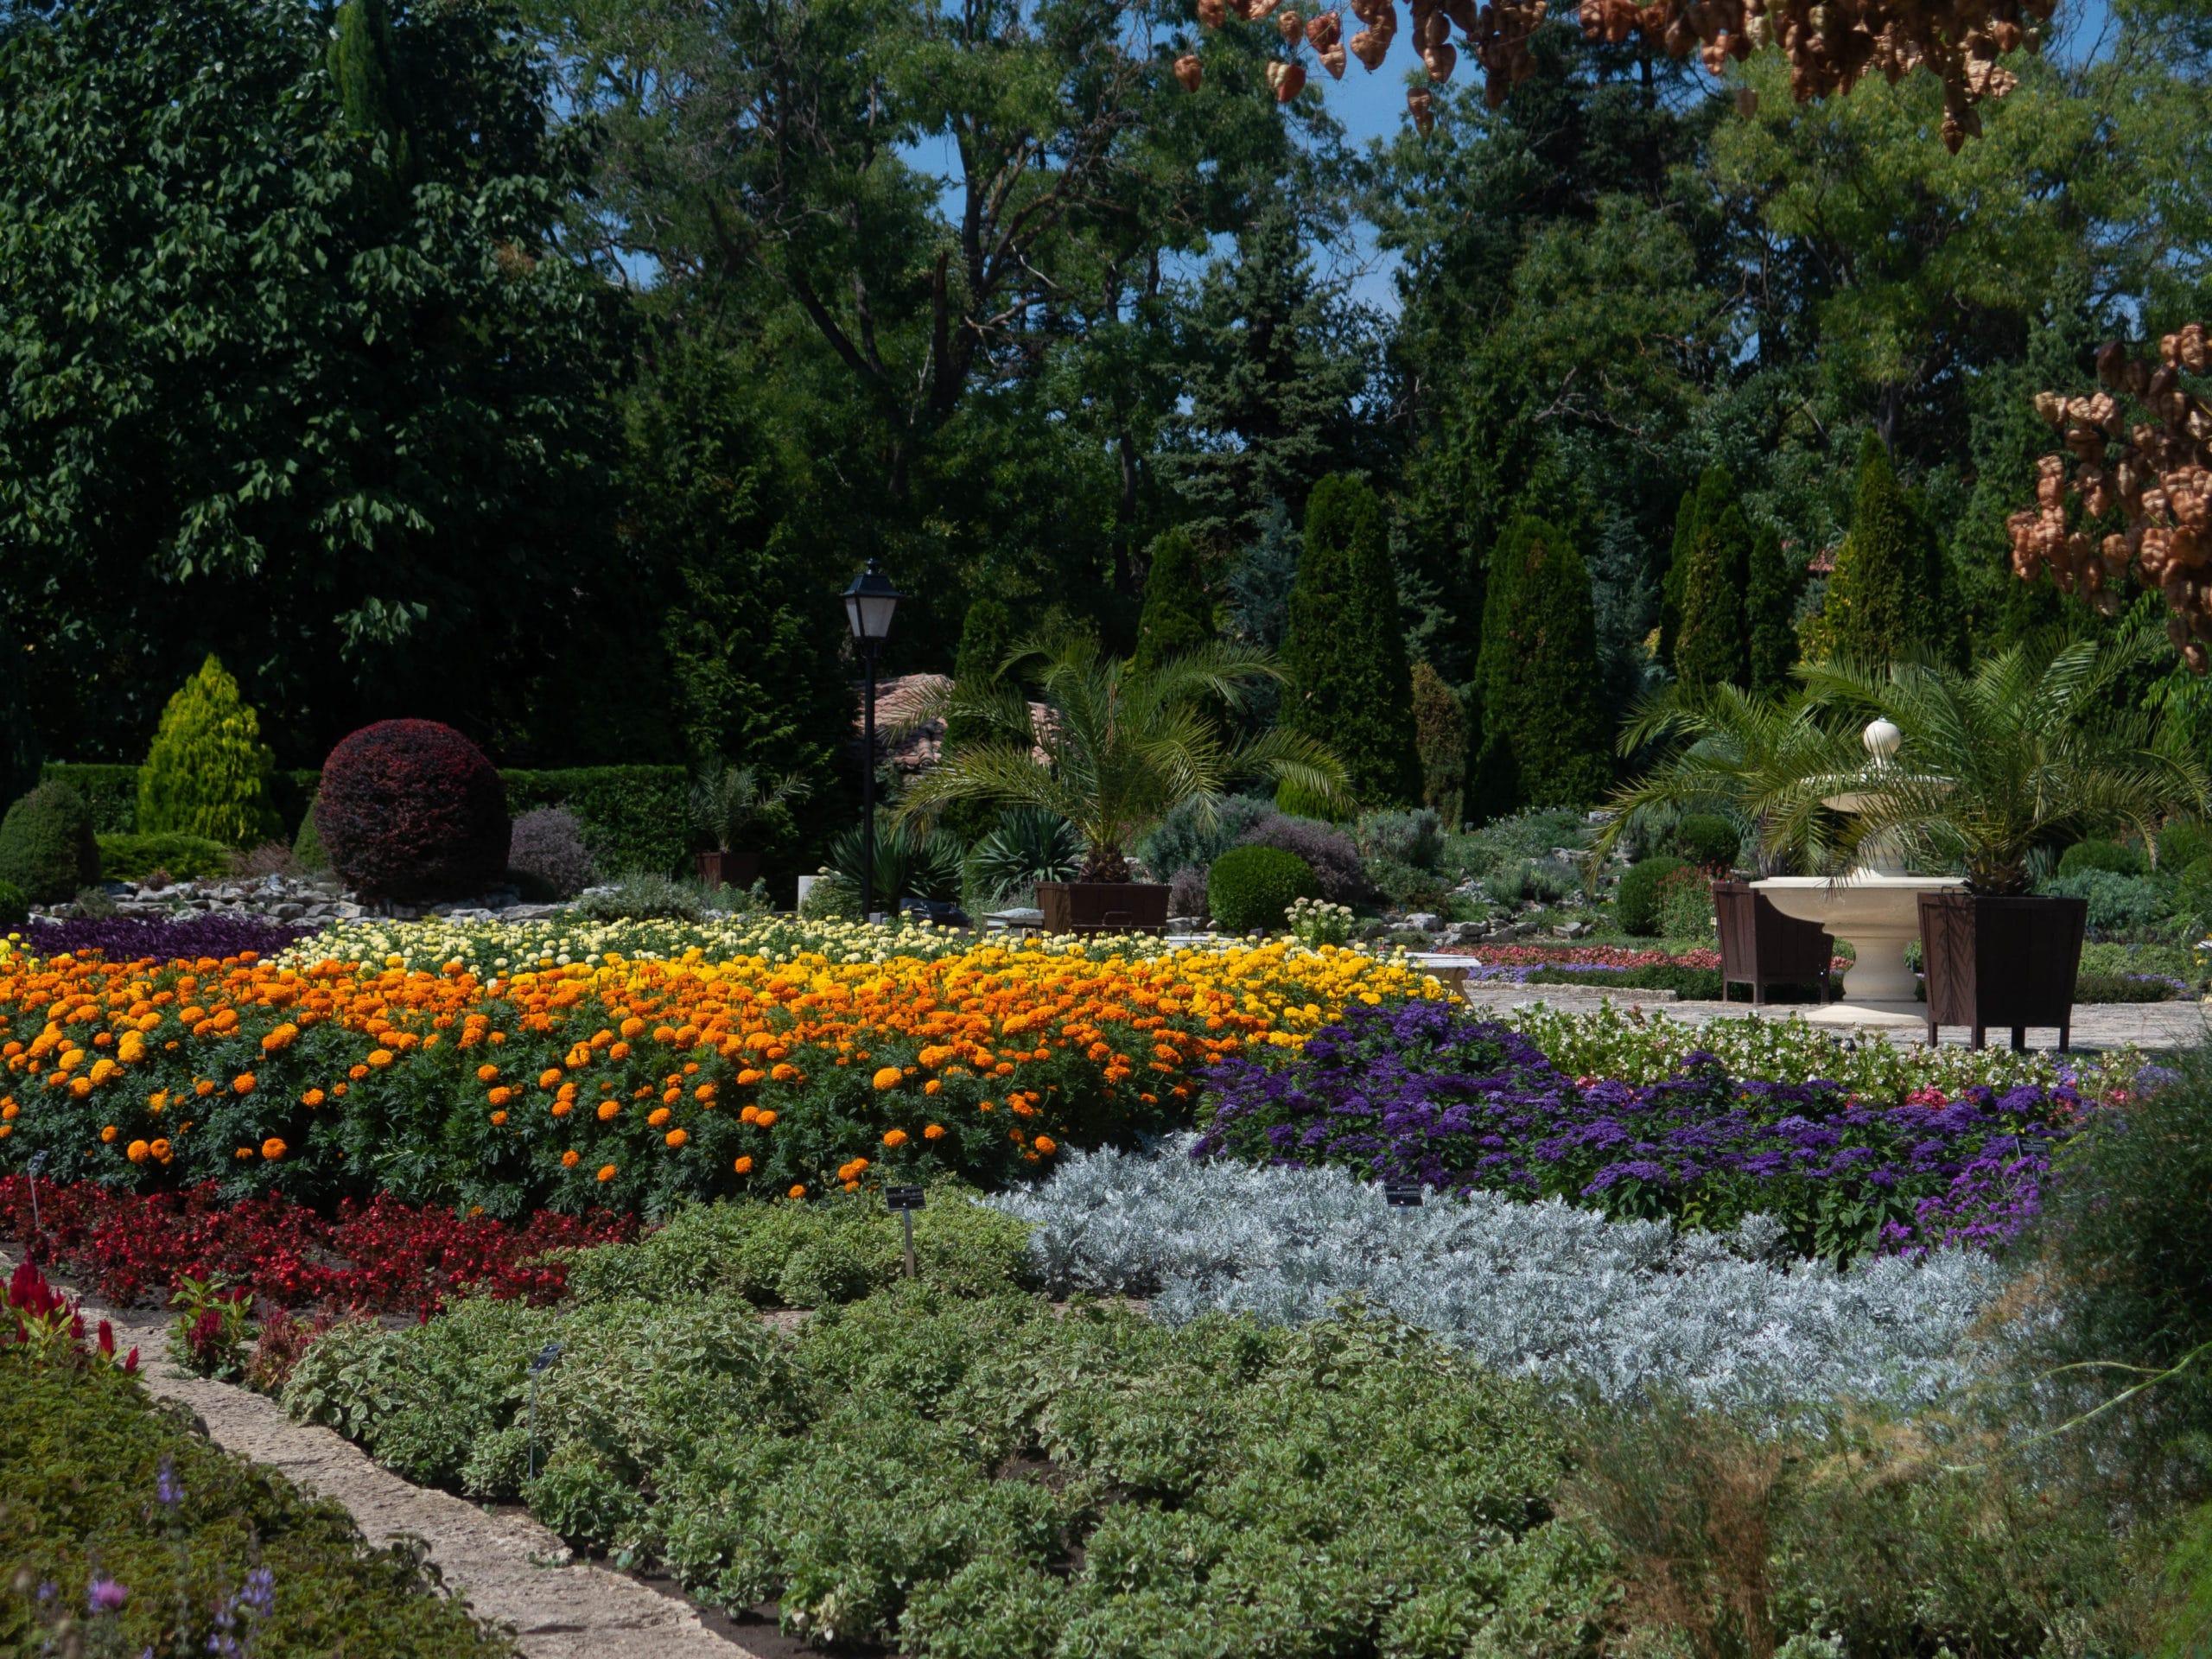 Blumenbeete botanische Garten Balchik